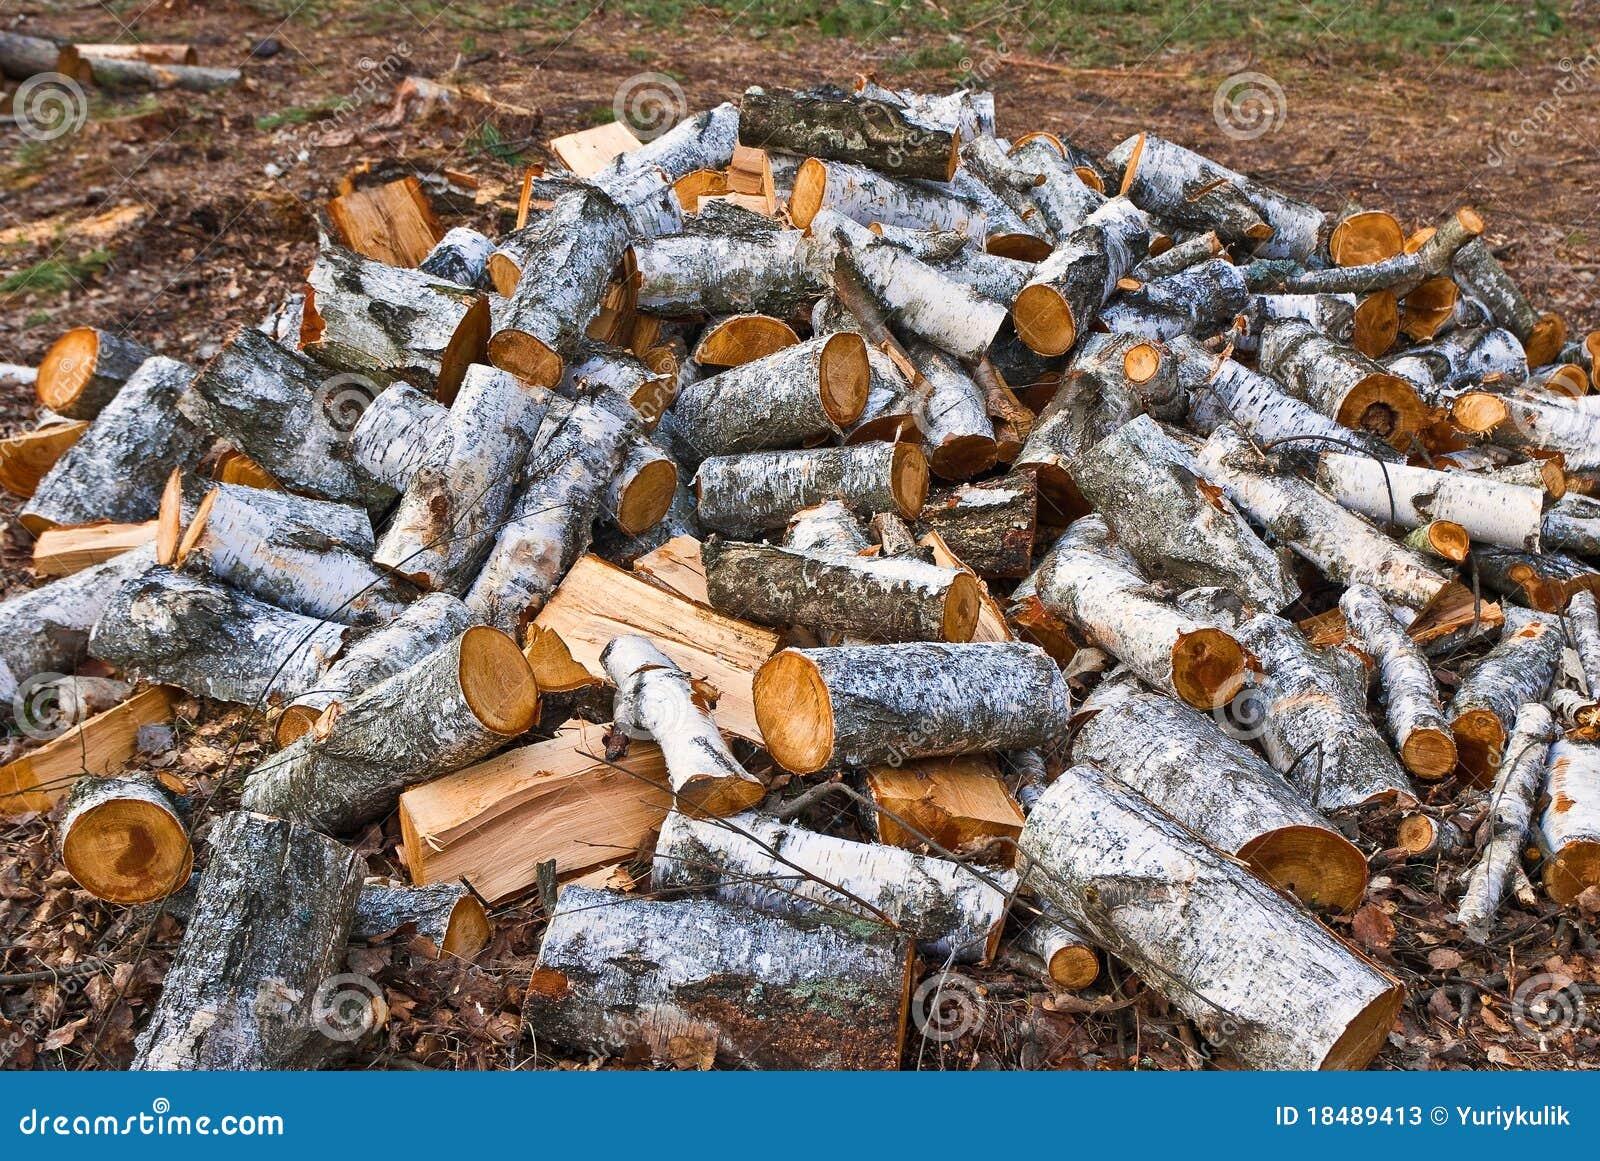 pile de bois de chauffage de bouleau photos stock image 18489413. Black Bedroom Furniture Sets. Home Design Ideas